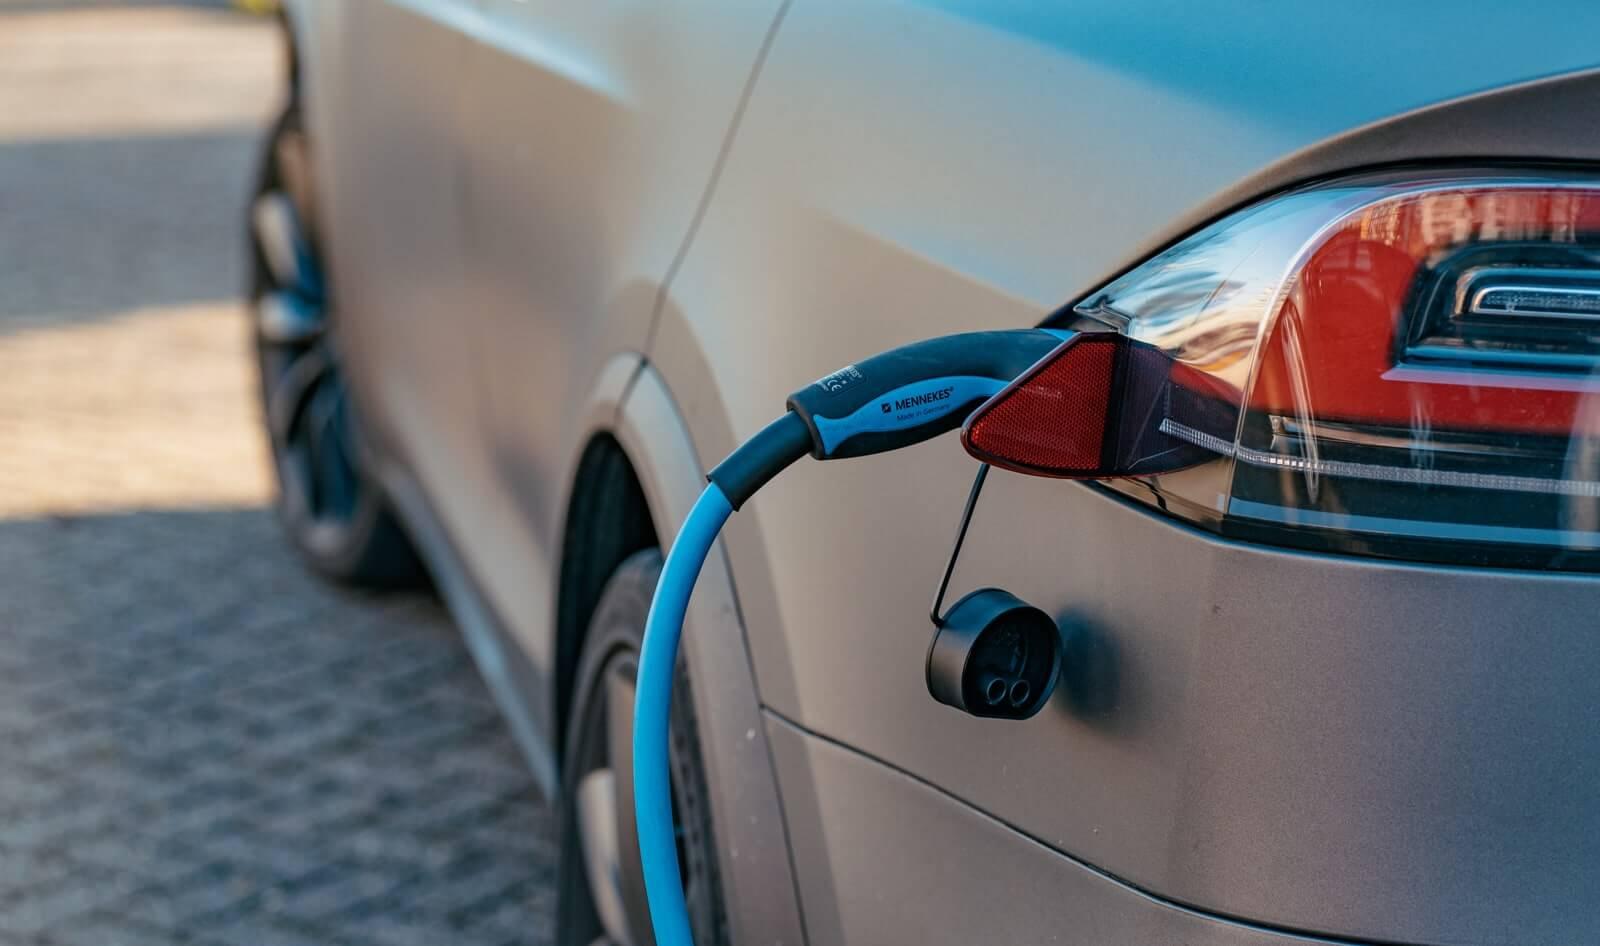 coste del combustible coche electrico vs gasolina